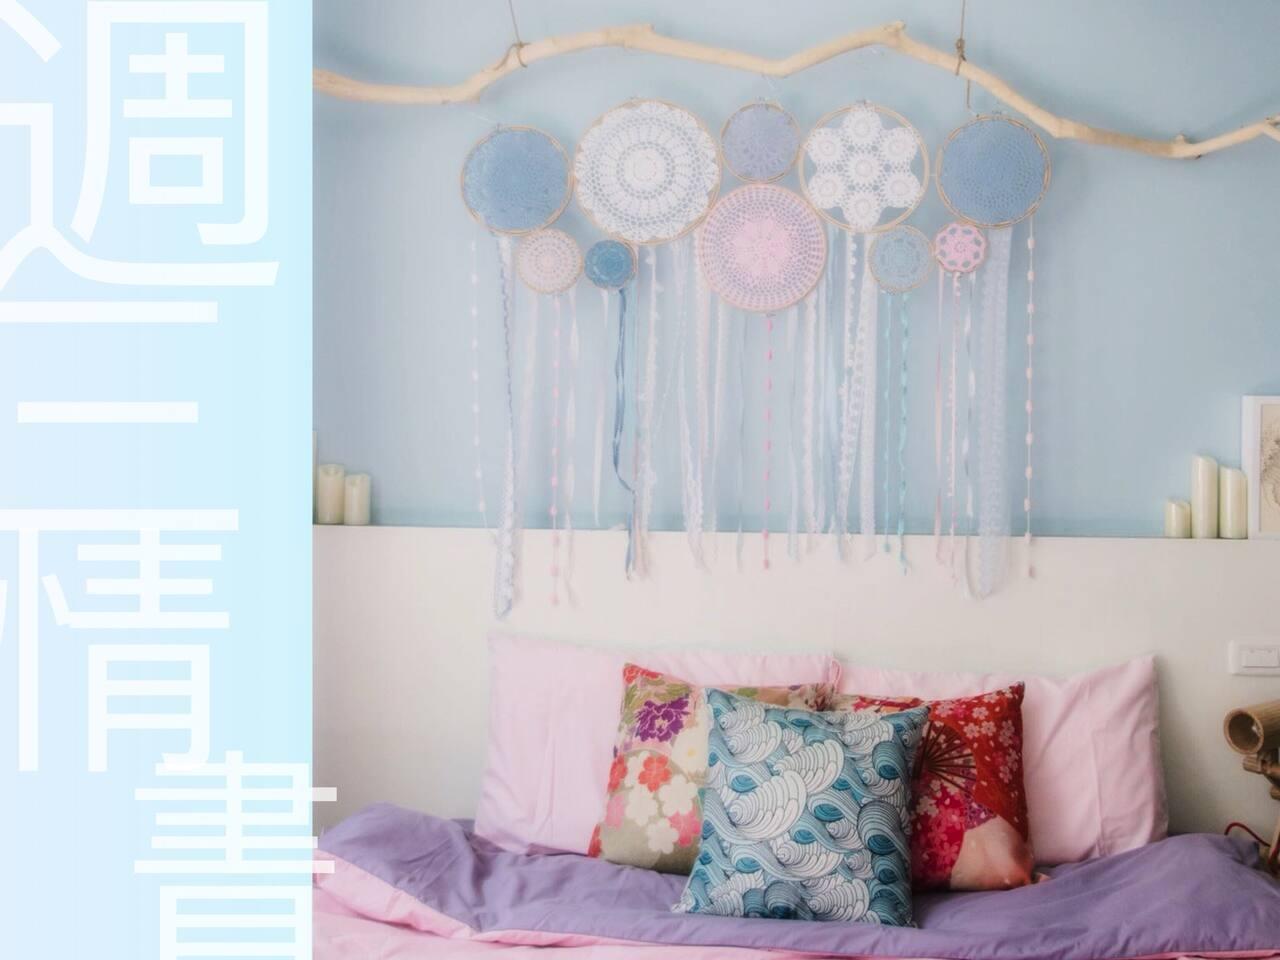 ❤️床头铺梦网 自己亲手组装❤ 1.8*2大双人榻榻米床垫!超舒服的床垫完全不怕难安眠